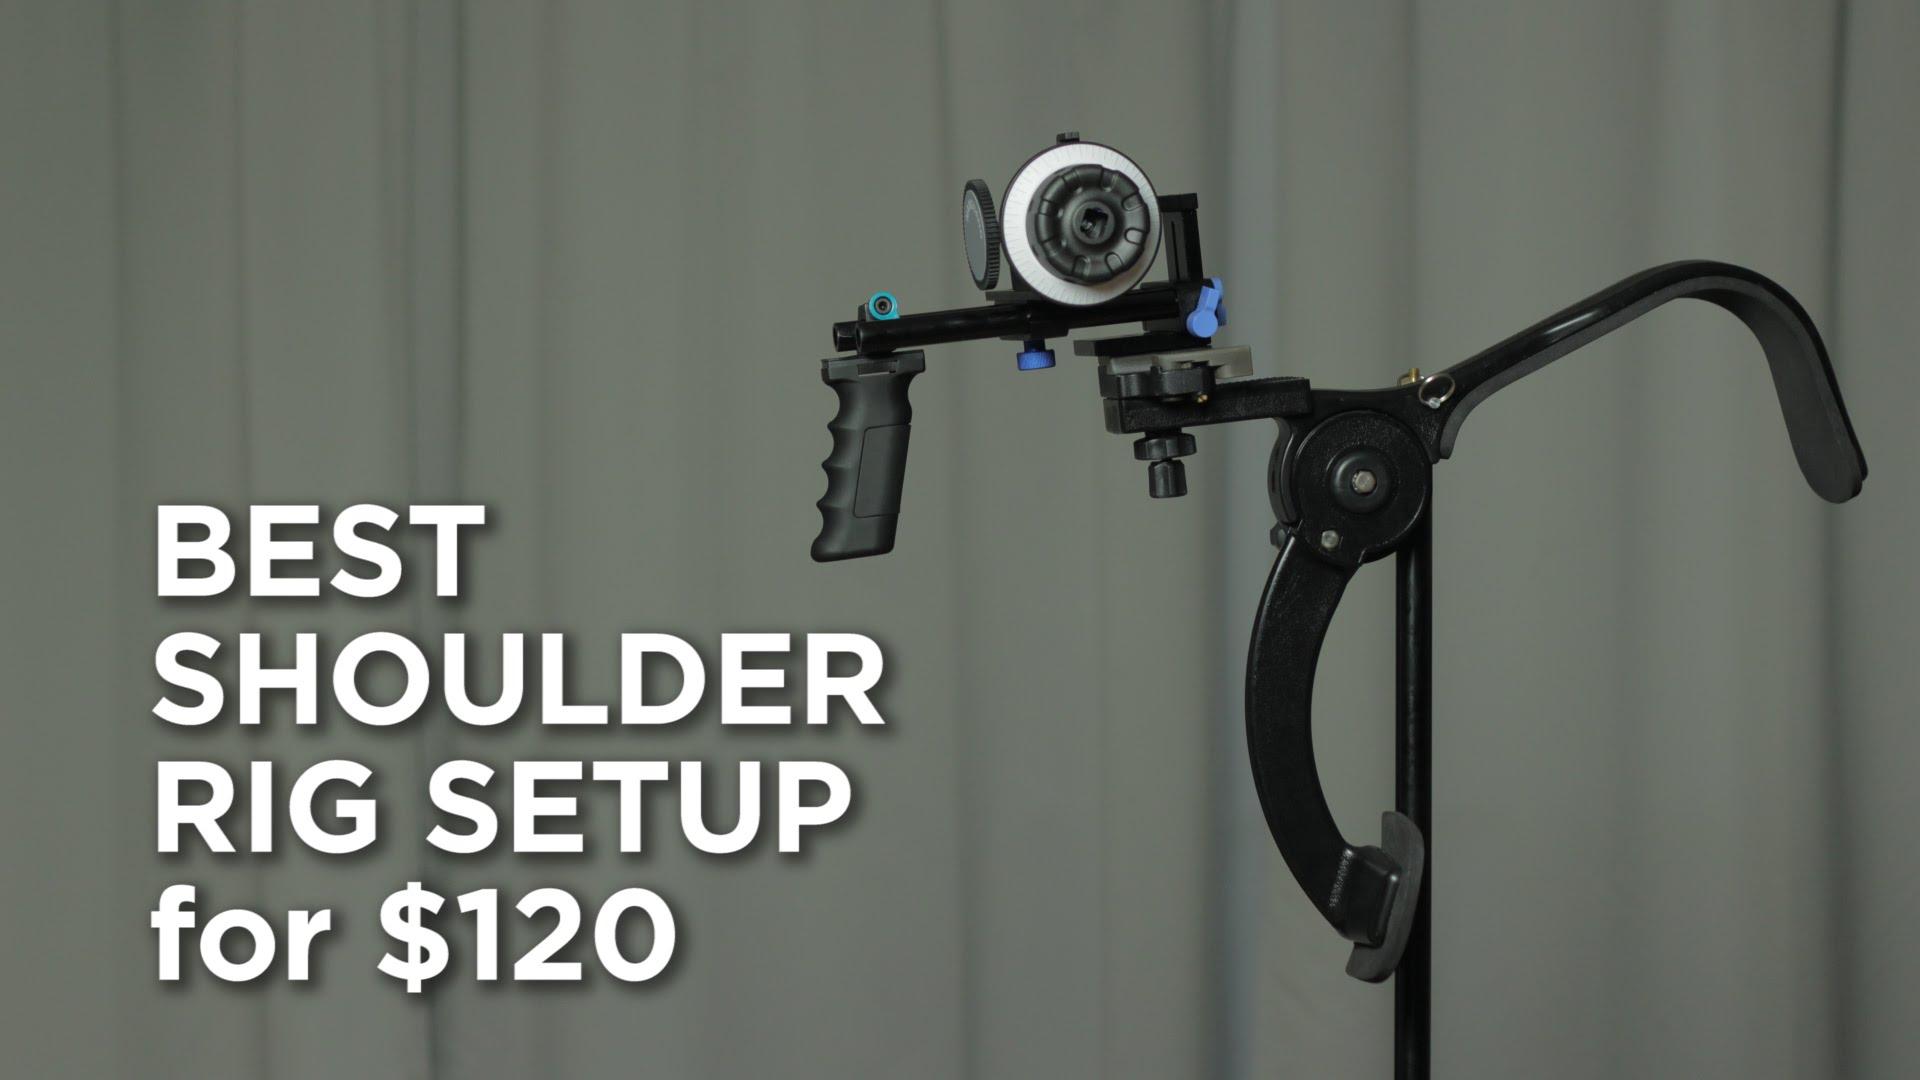 Best shoulder rig for $120